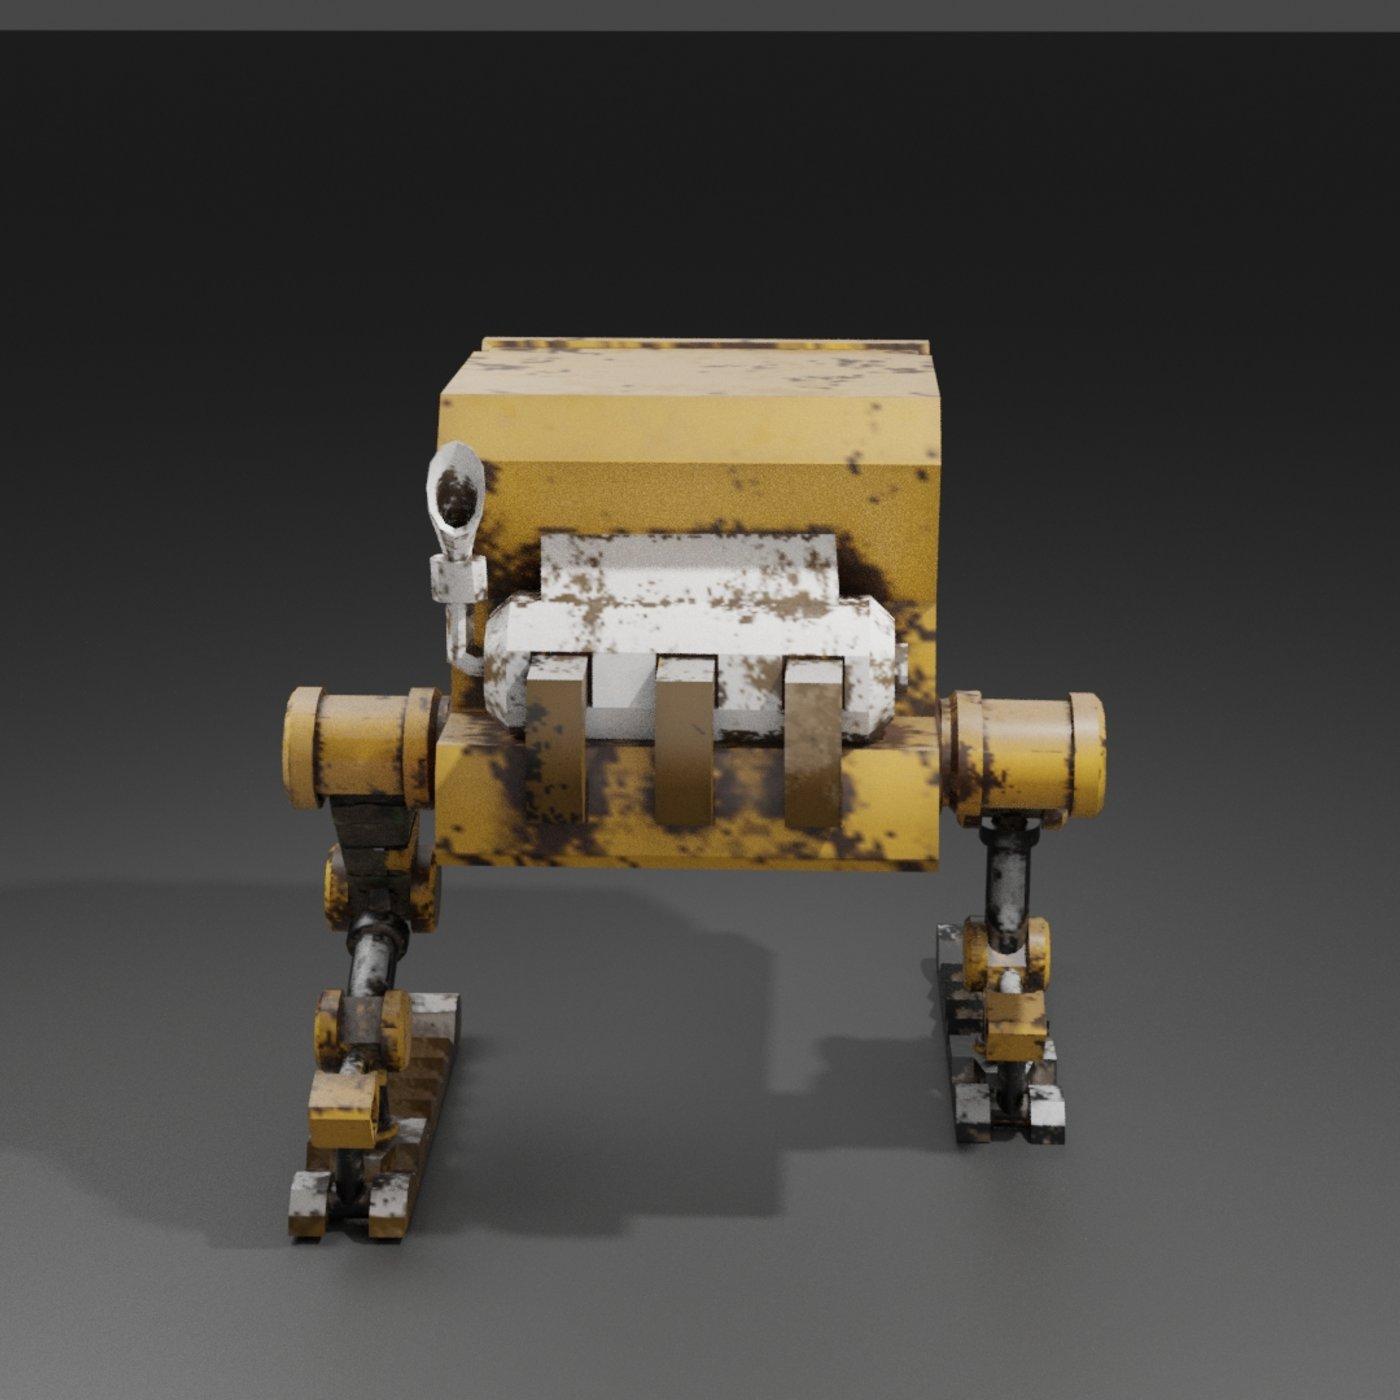 Robot leo